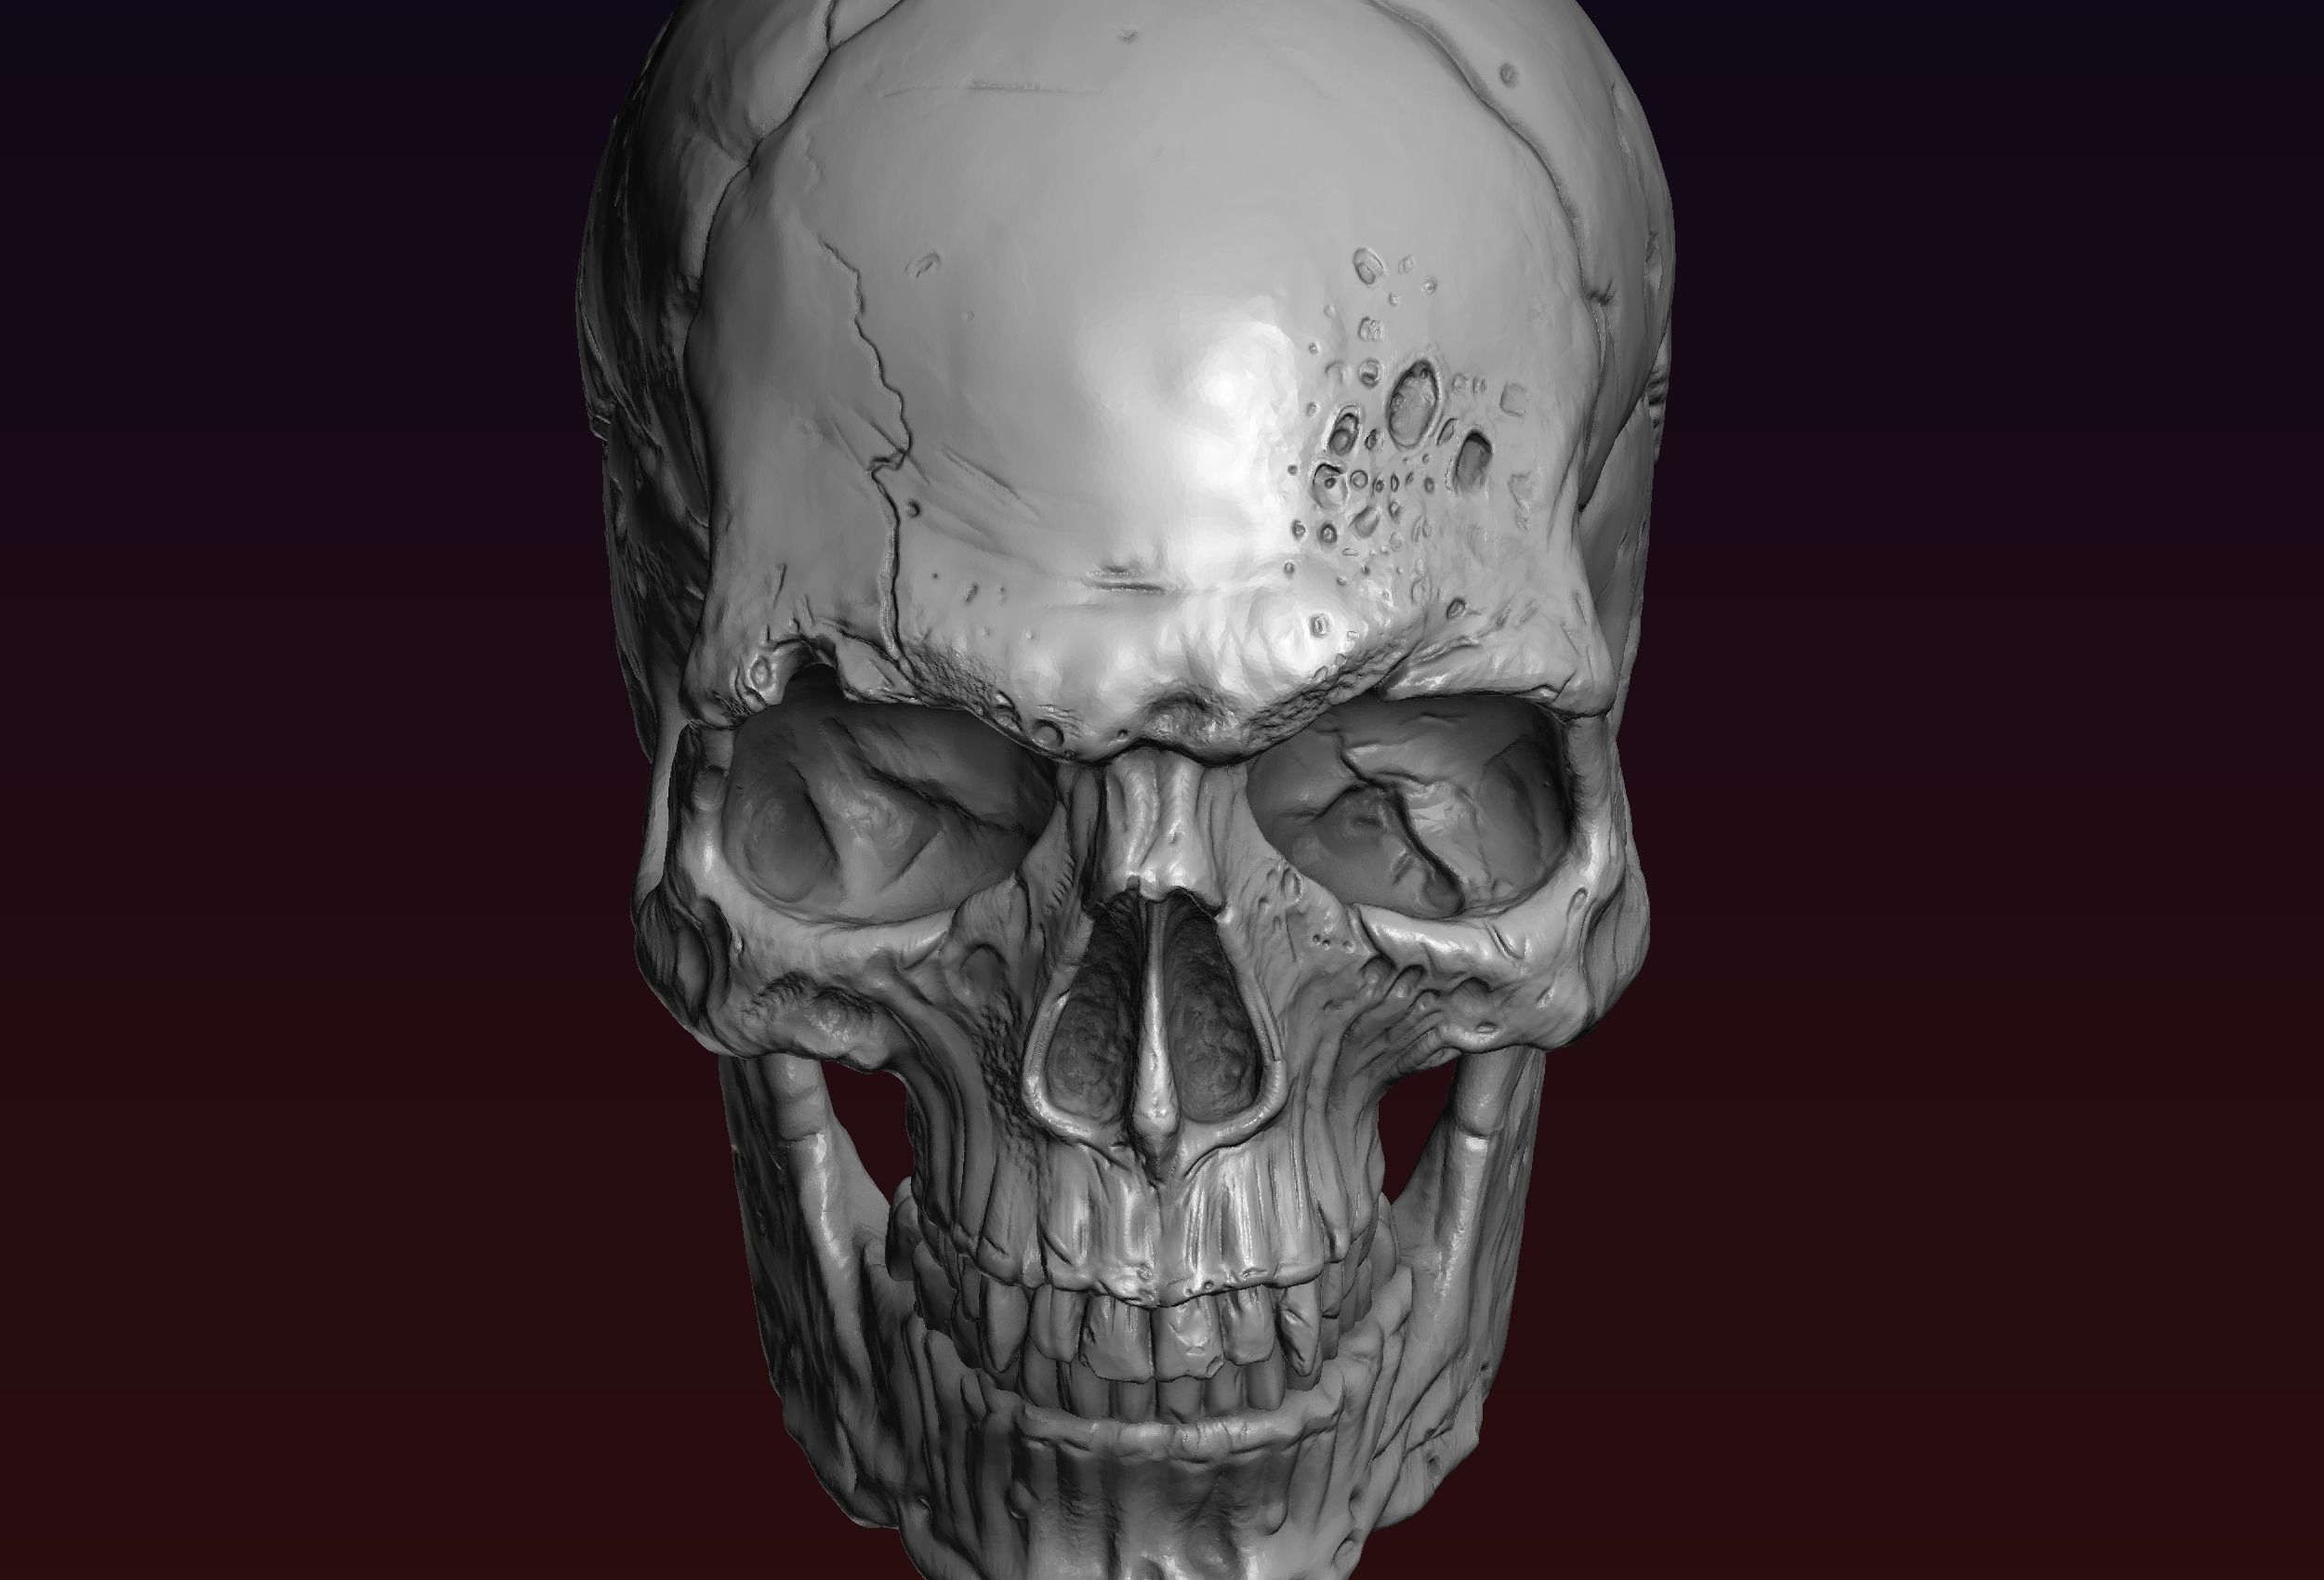 Skull detailed